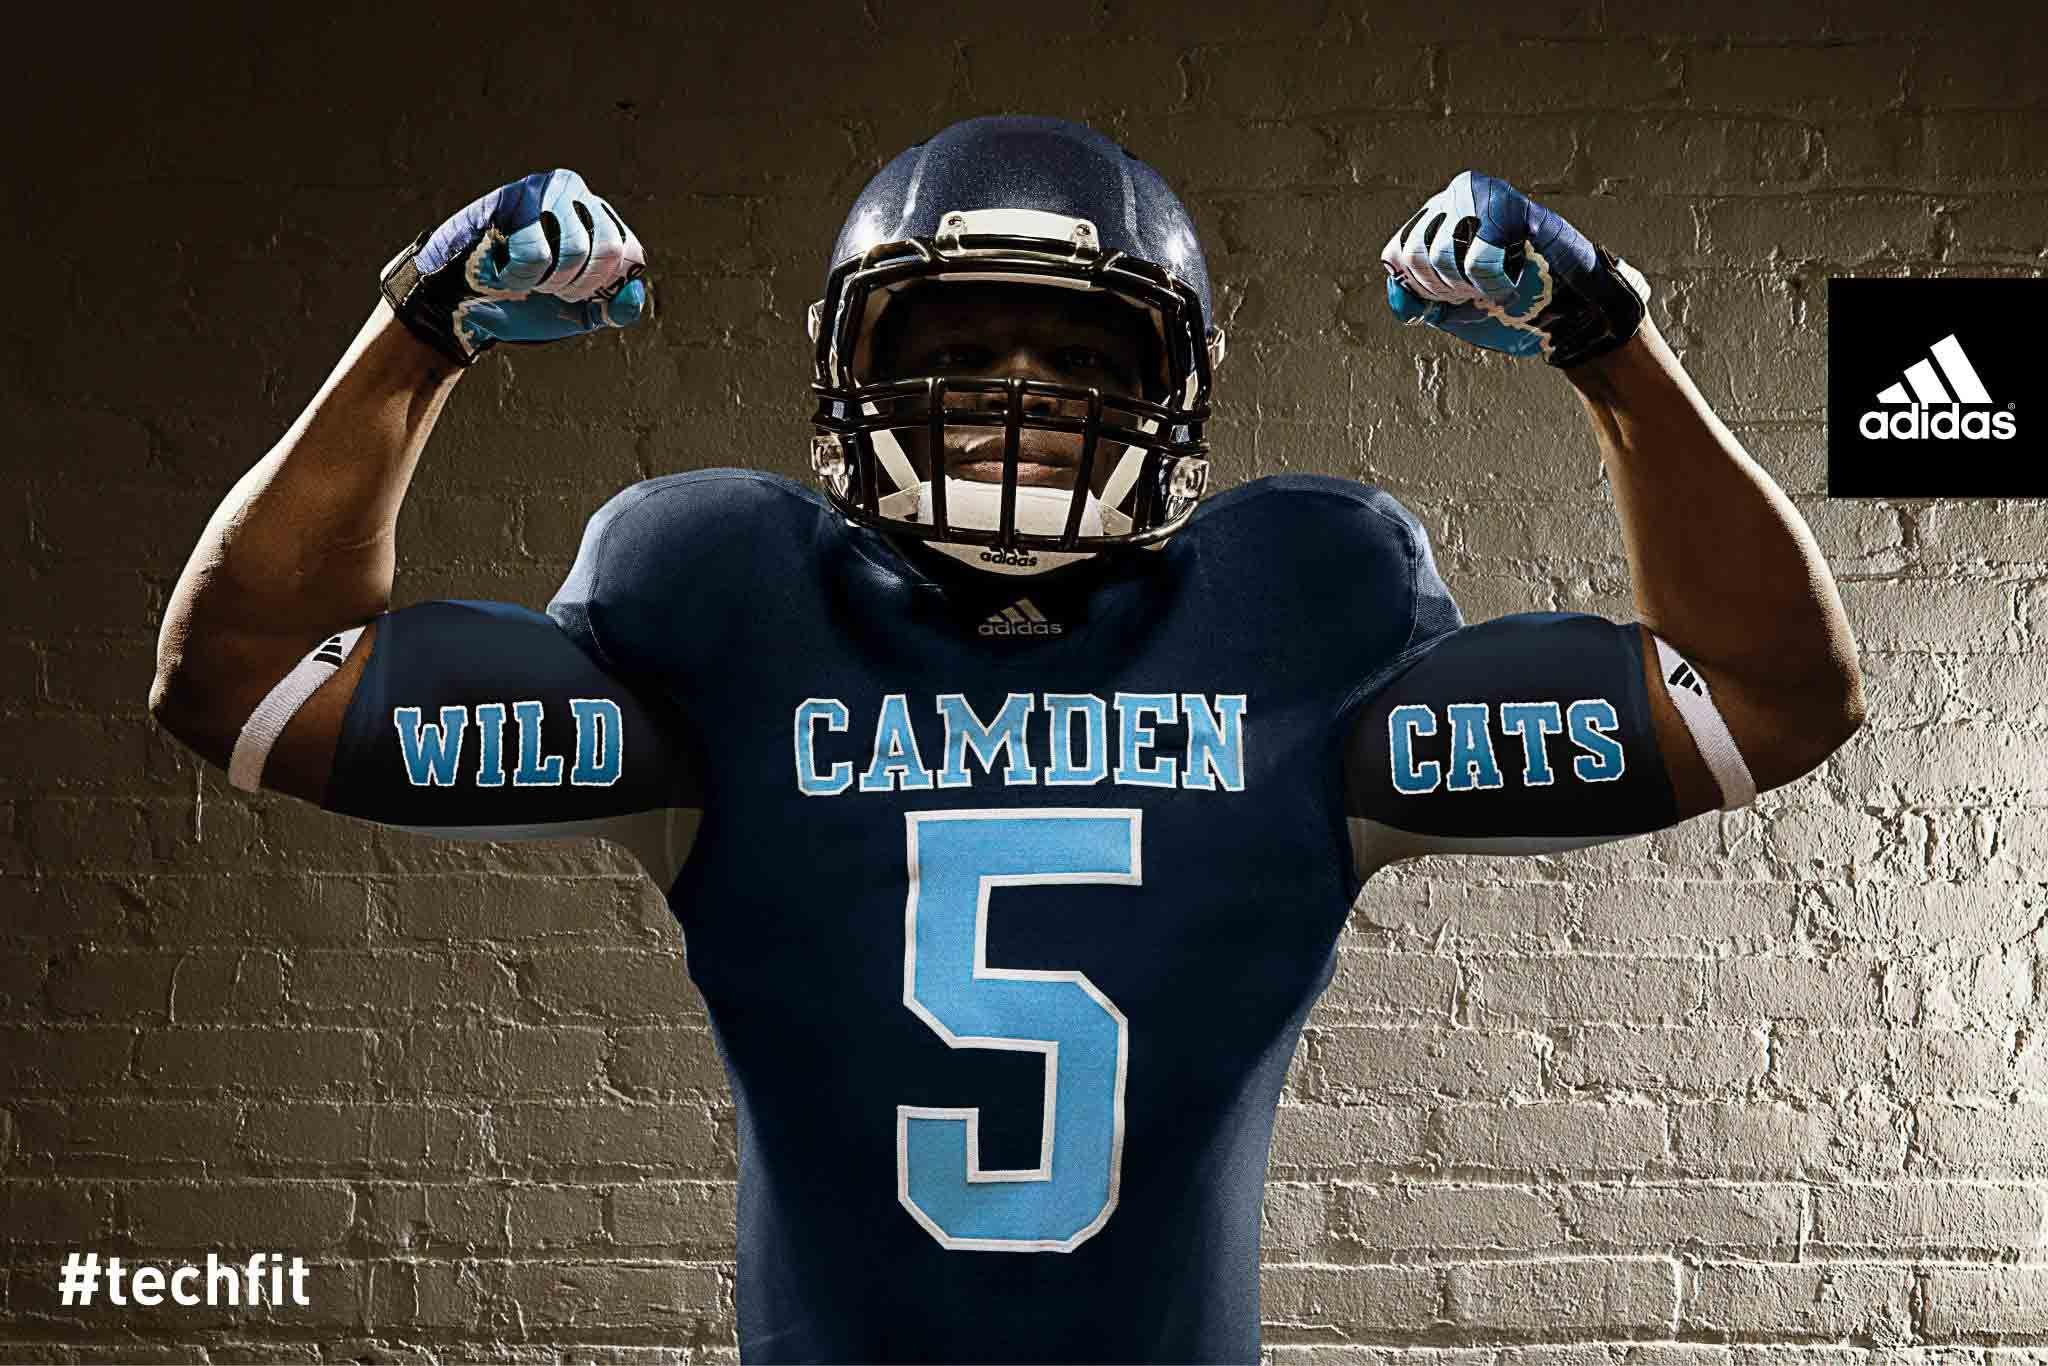 cdfb951a21d1 Camden County High School adidas techfit new football uniforms 10 ...